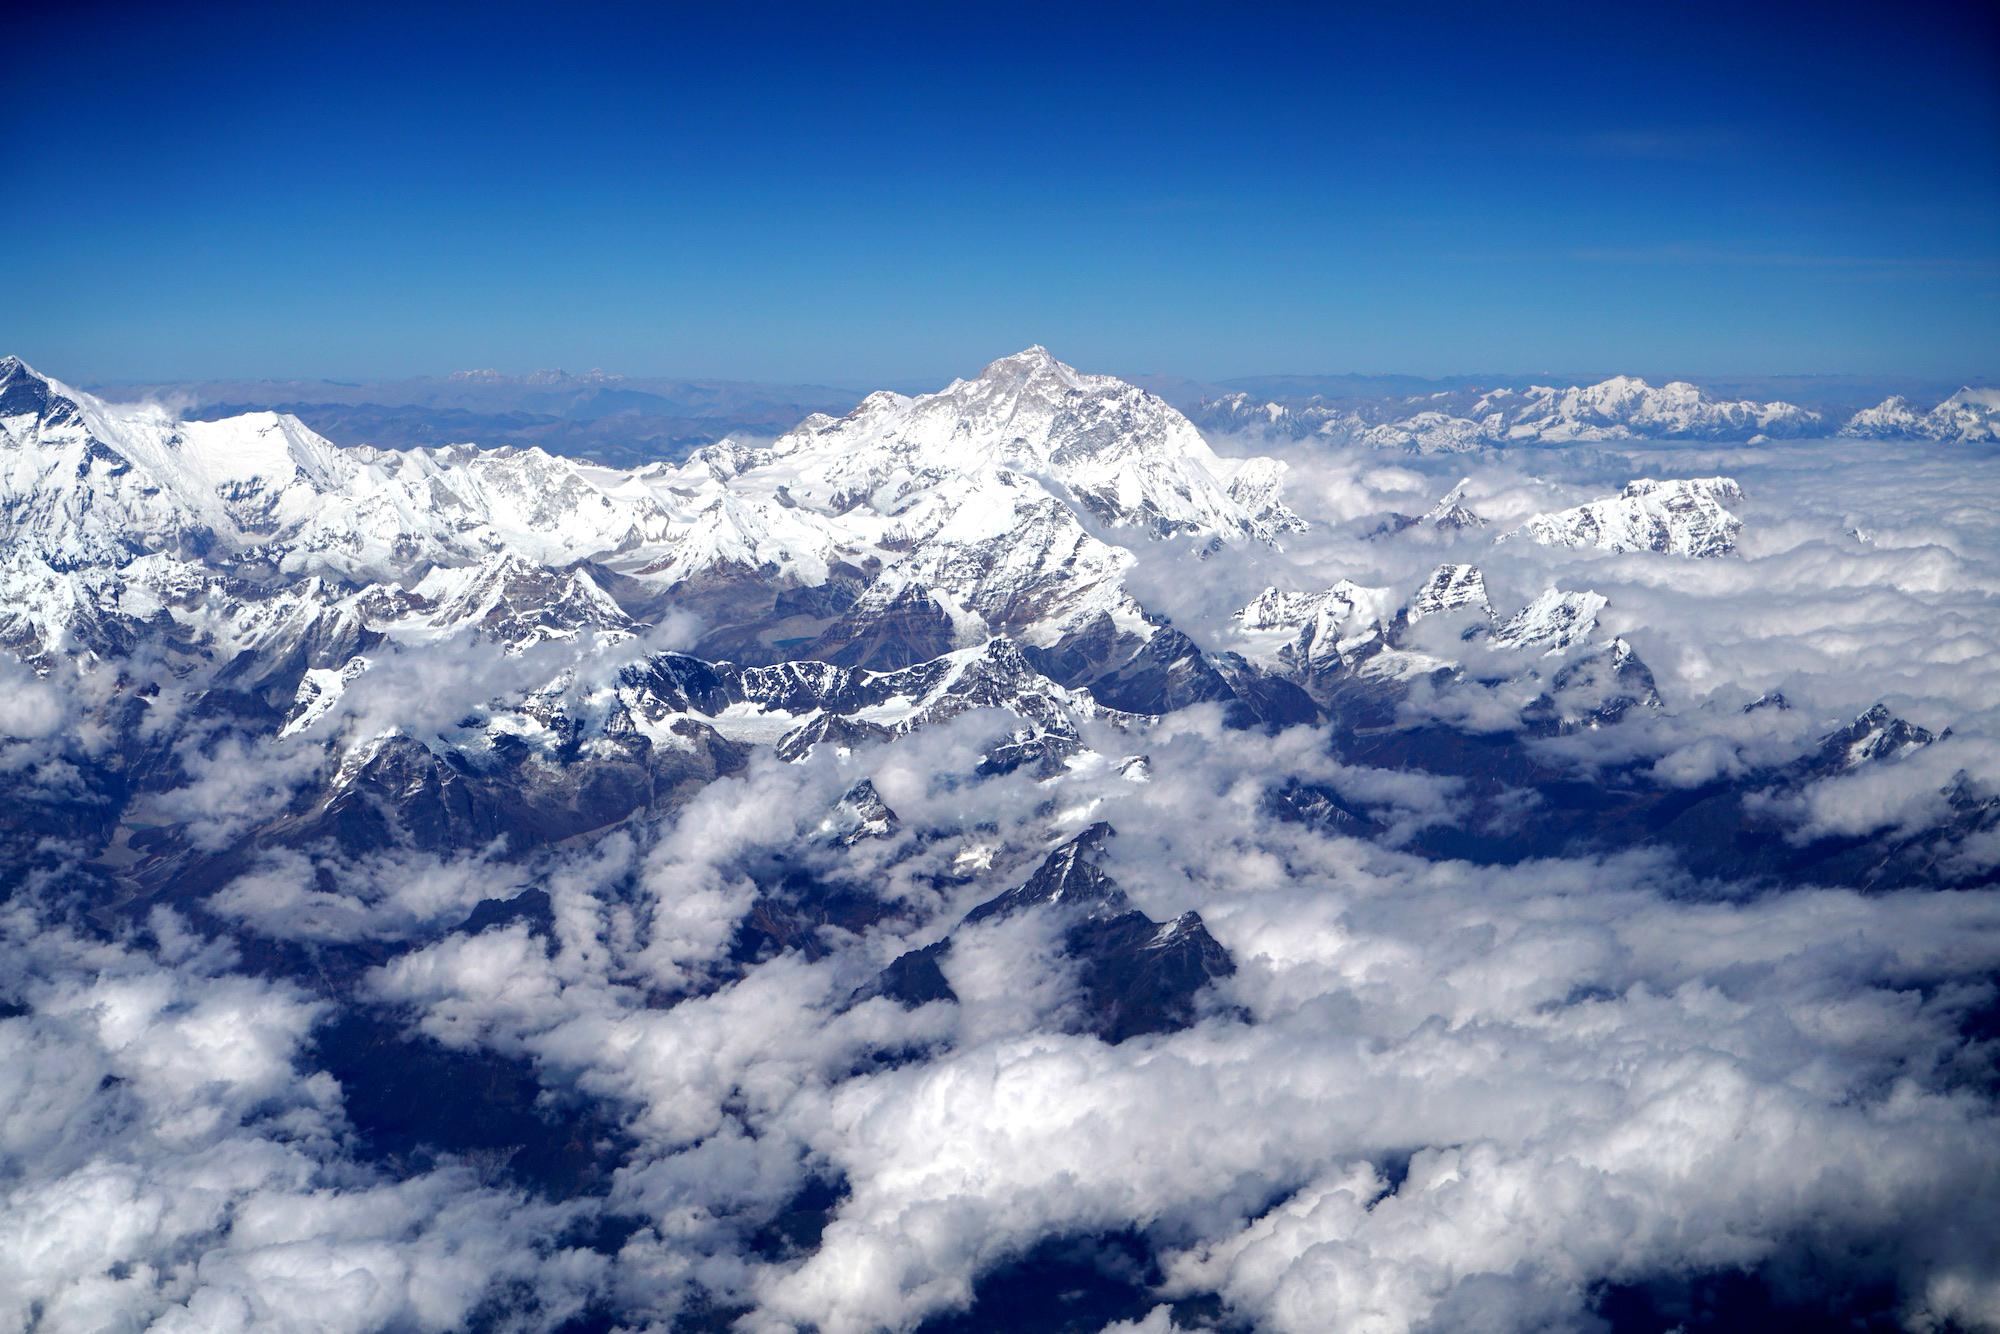 Nepal-Mountains-11-17-16- DSC03341.jpg